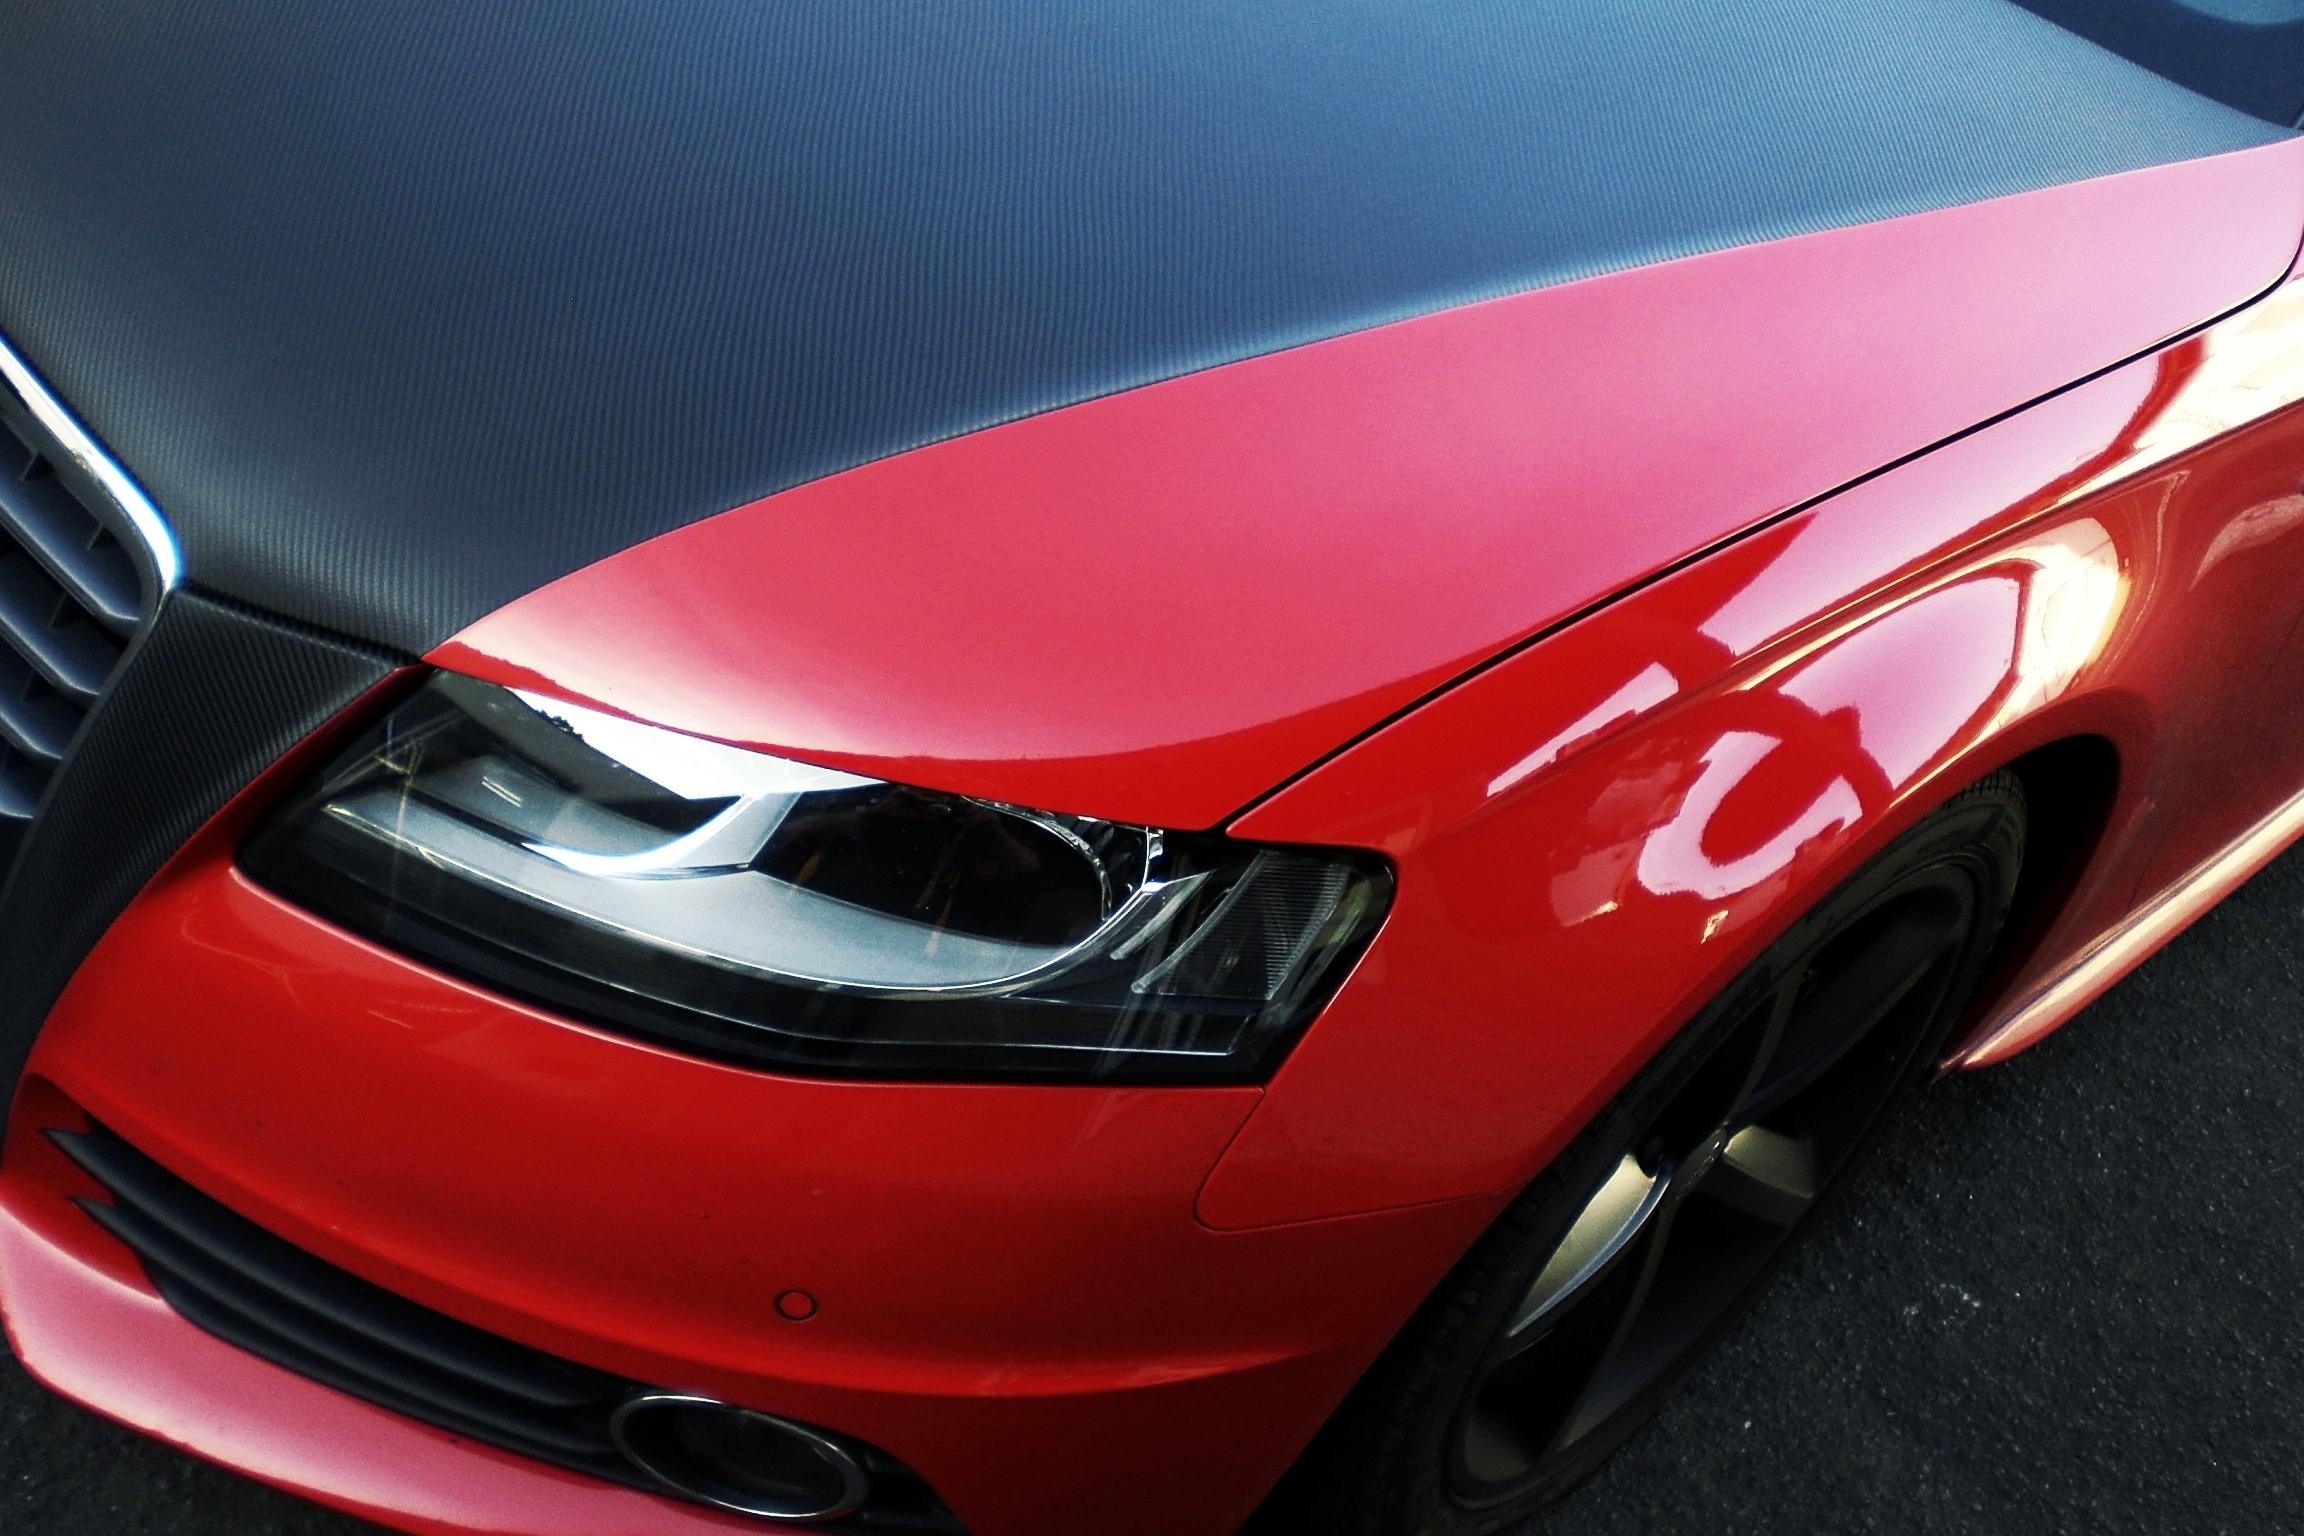 Autodekor Carbonfolie